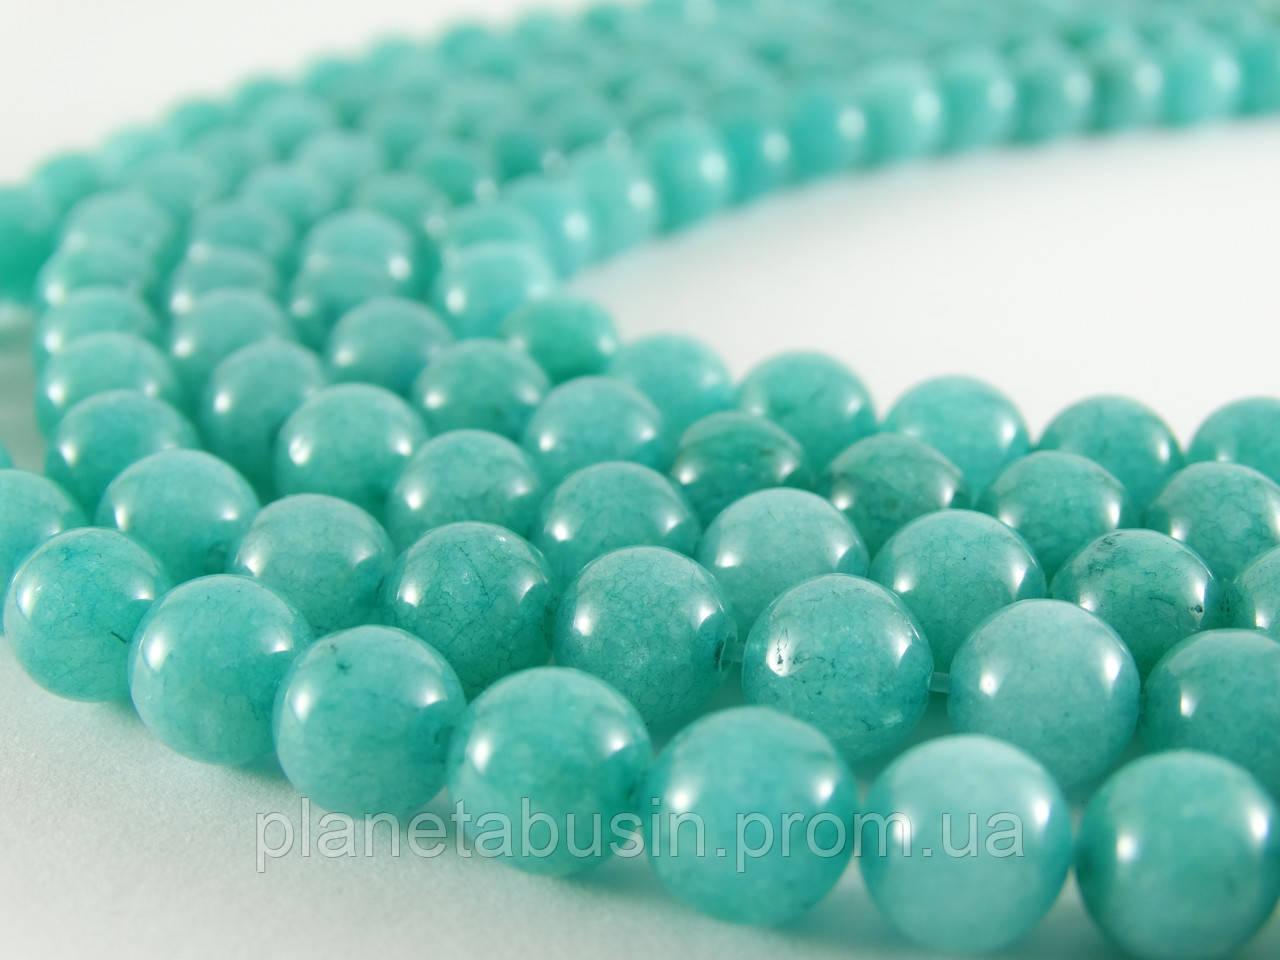 8 мм Голубой Кварц, CN115, Натуральный камень, Форма: Шар, Отверстие: 1 мм, кол-во: 47-48 шт/нить